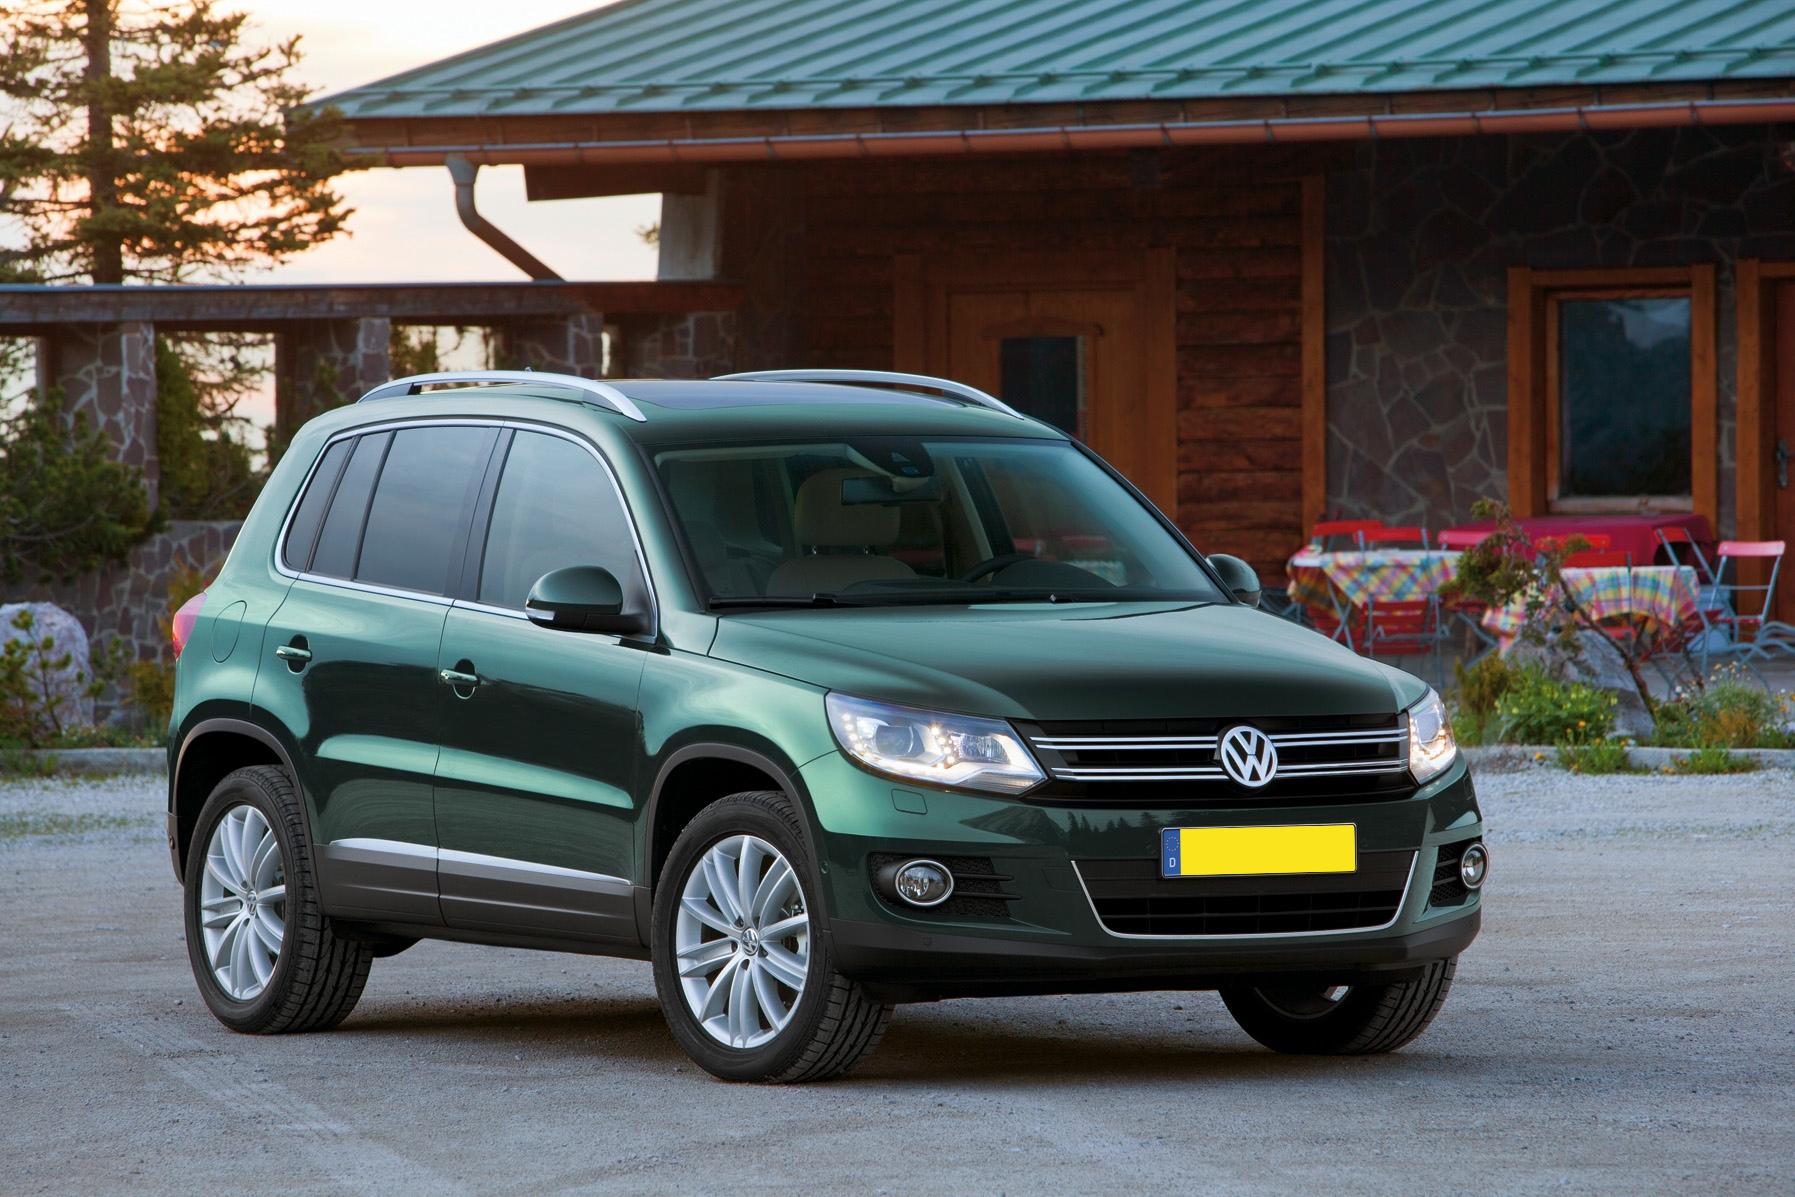 Vernieuwde Volkswagen Tiguan Vanaf 27 990 Euro Rijschoolpro